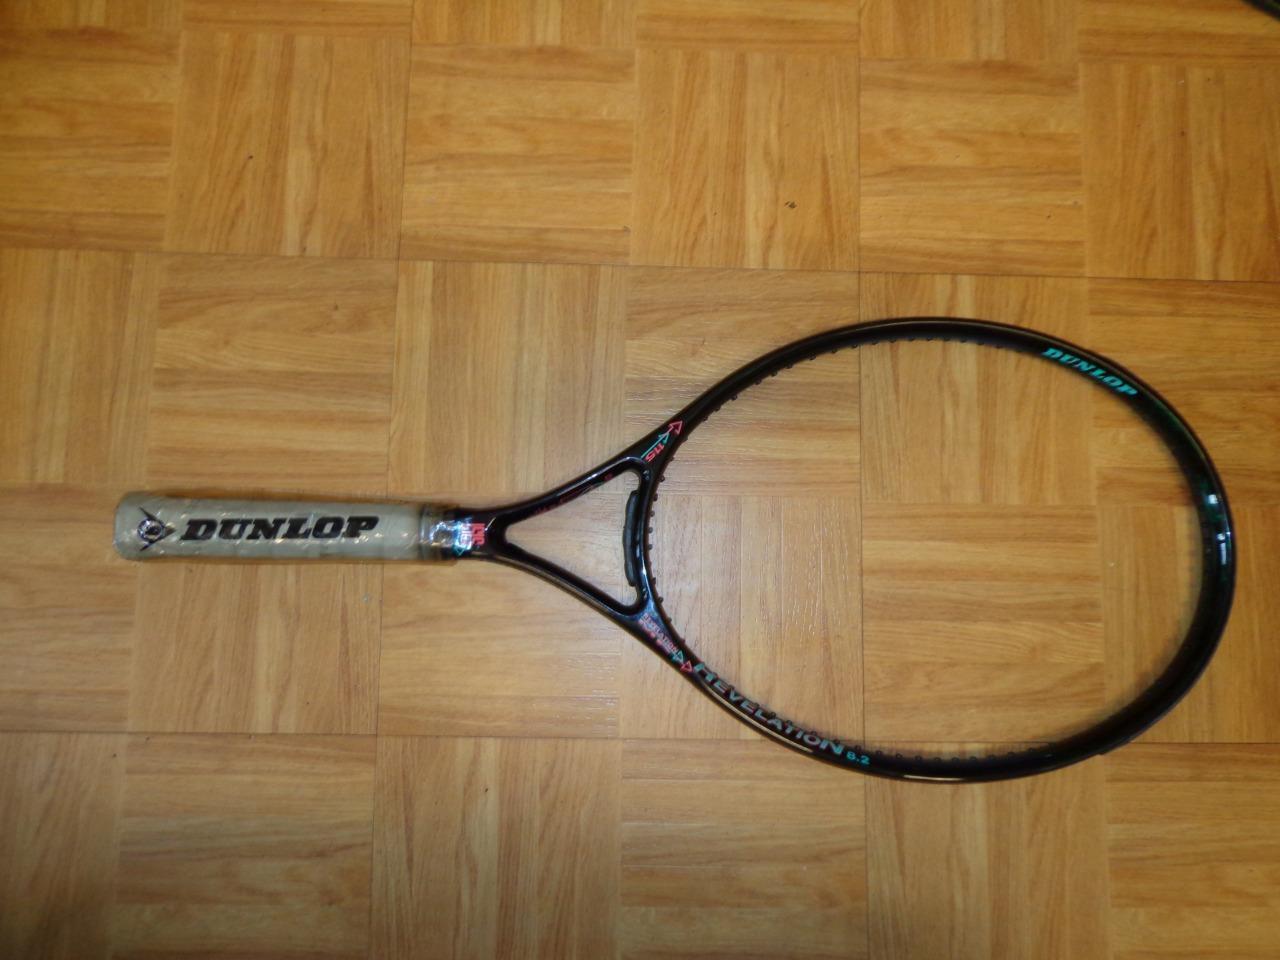 Nuevo viejo Dunlop Mediados  de perfil revelación 115 cabeza 4 3 8 Grip Tenis Raqueta  bienvenido a elegir